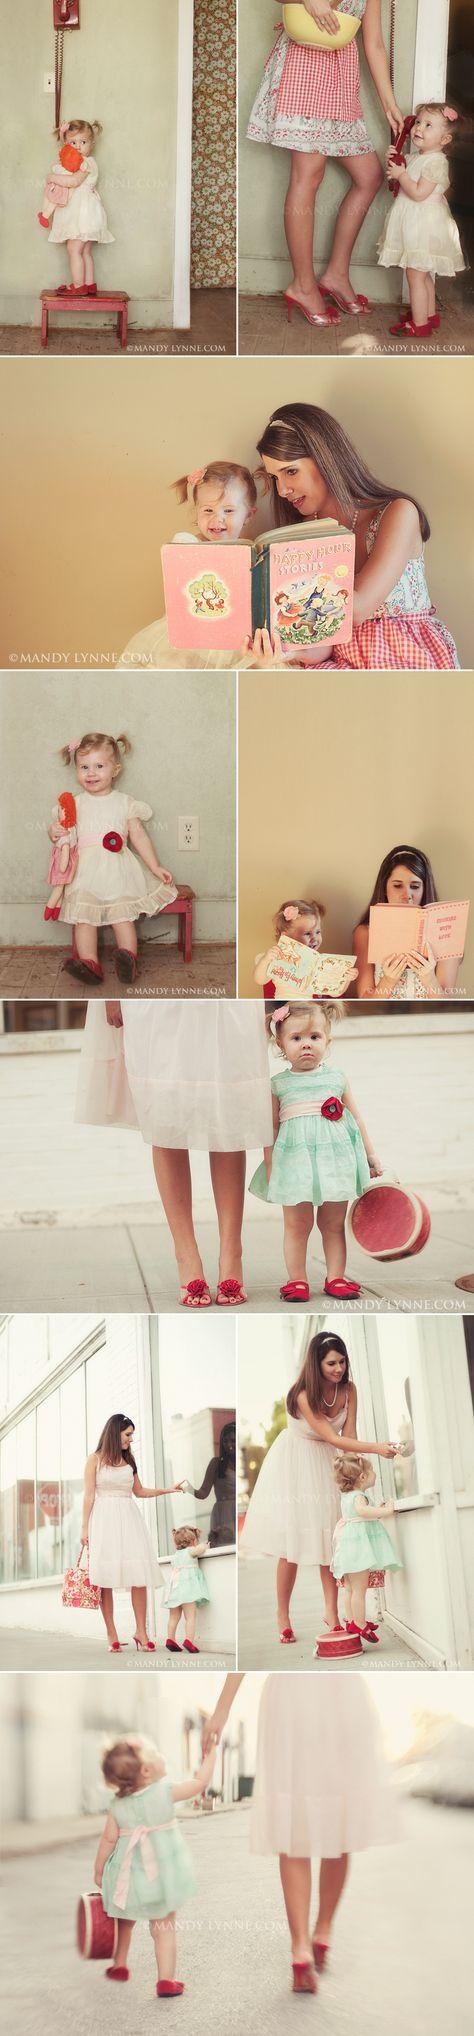 Mother-Daughter photos.